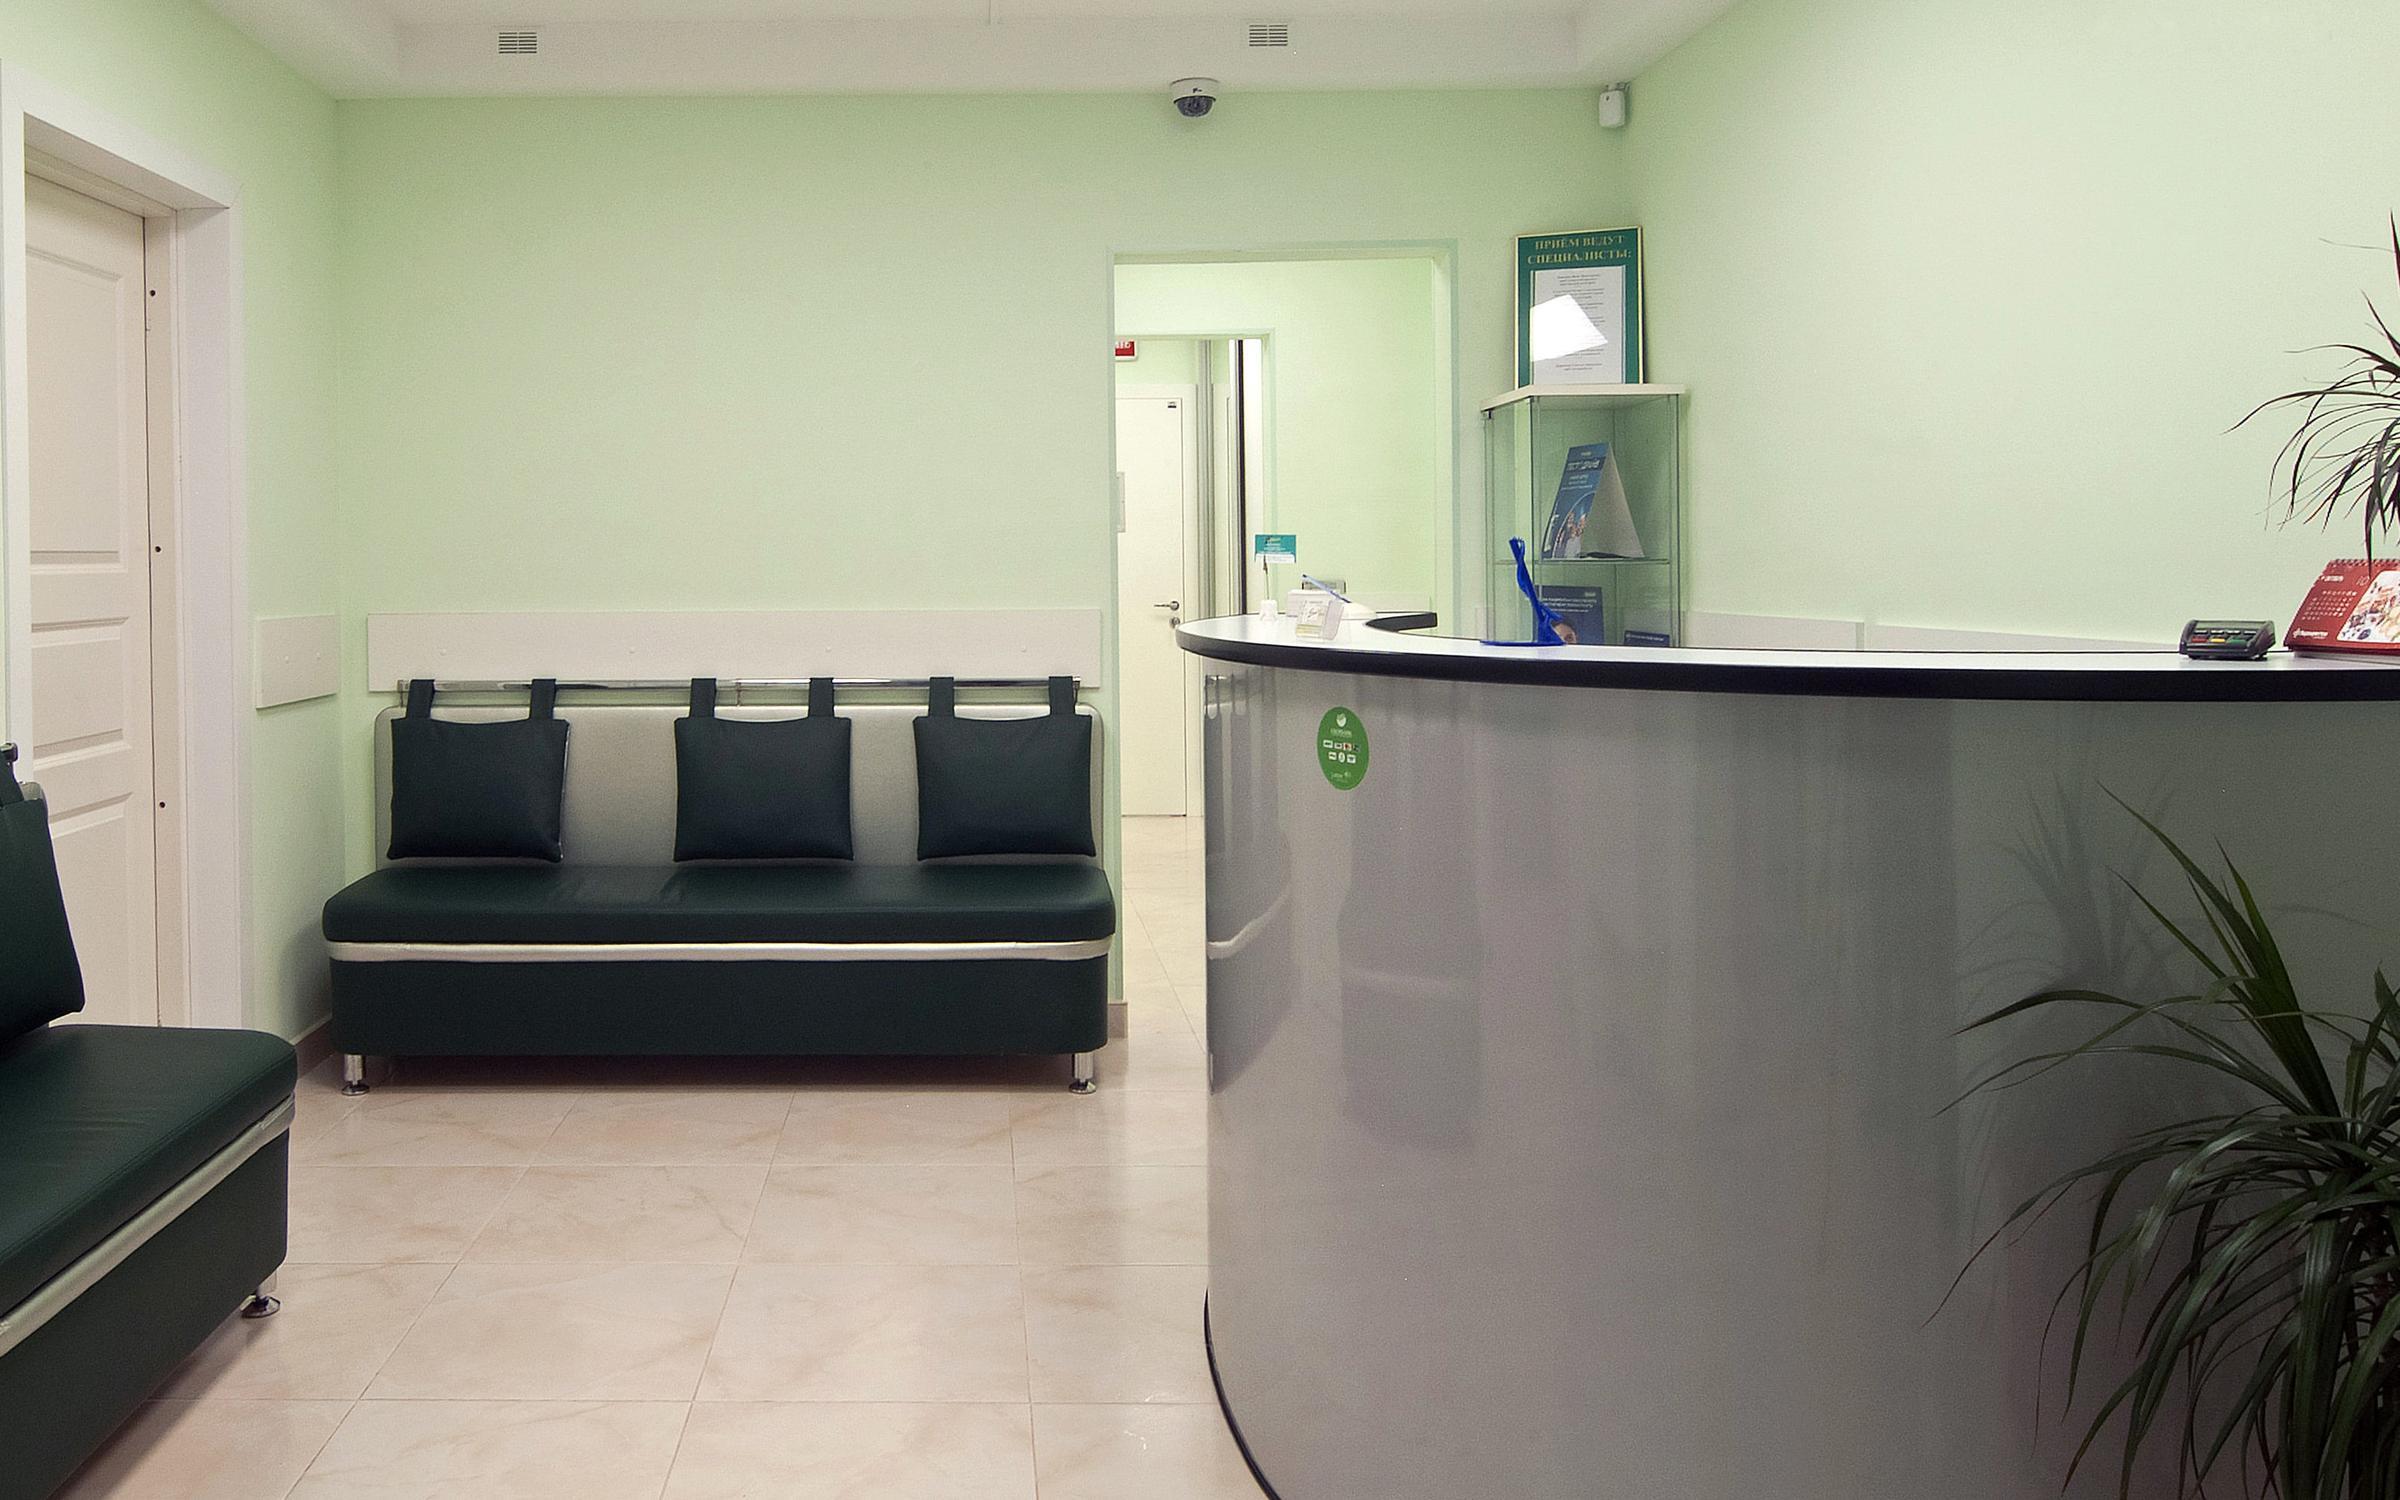 фотография Медицинского центра Дали на Туристской улице